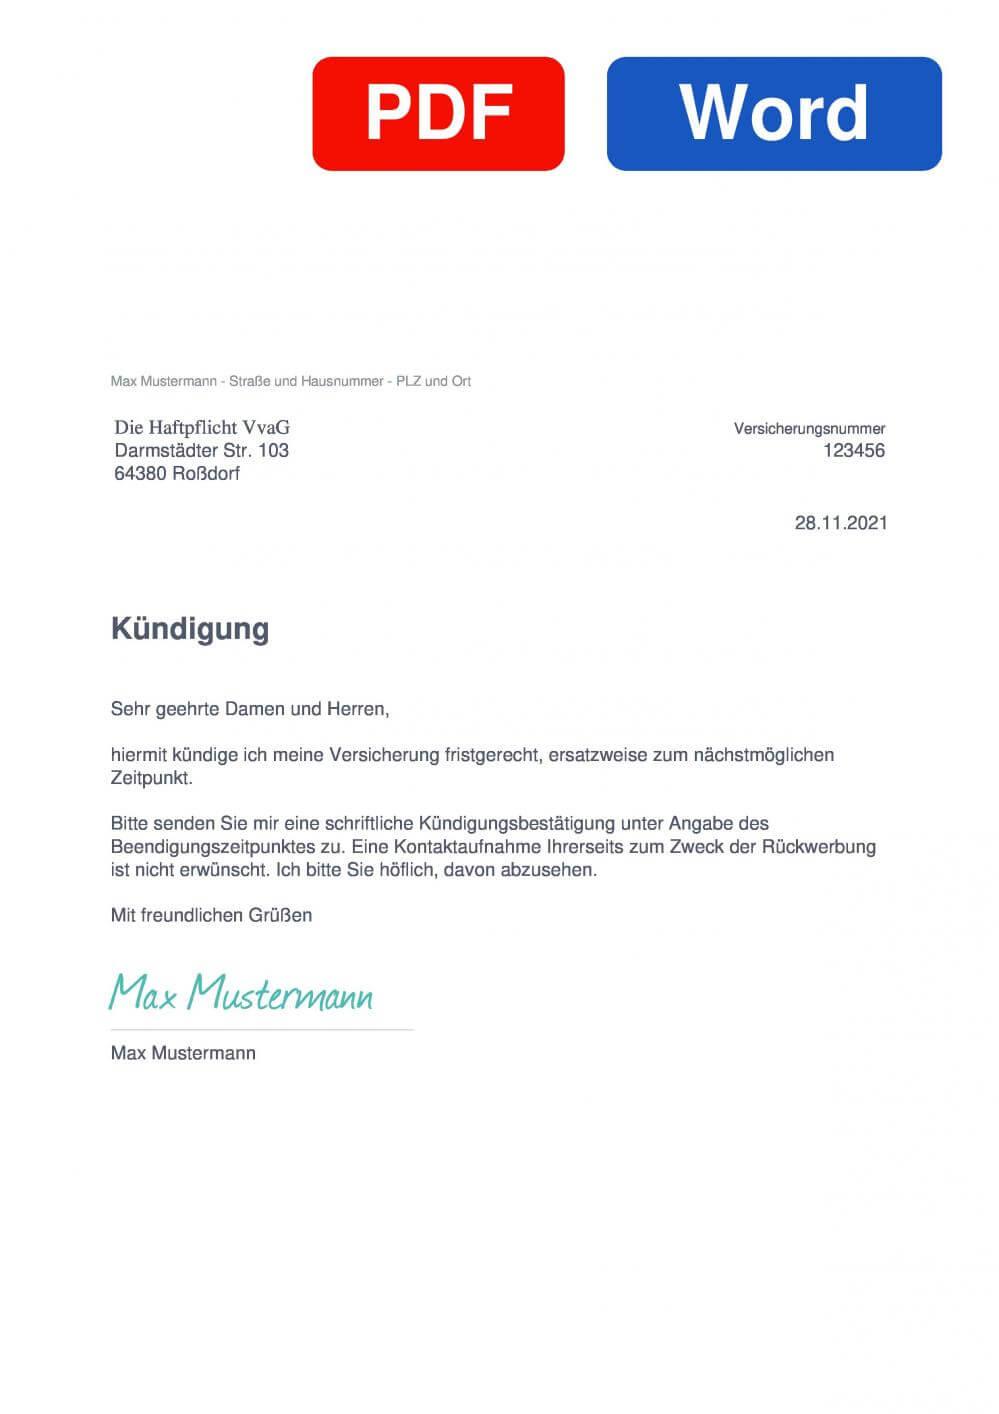 Haftpflichtkasse Darmstadt Muster Vorlage für Kündigungsschreiben